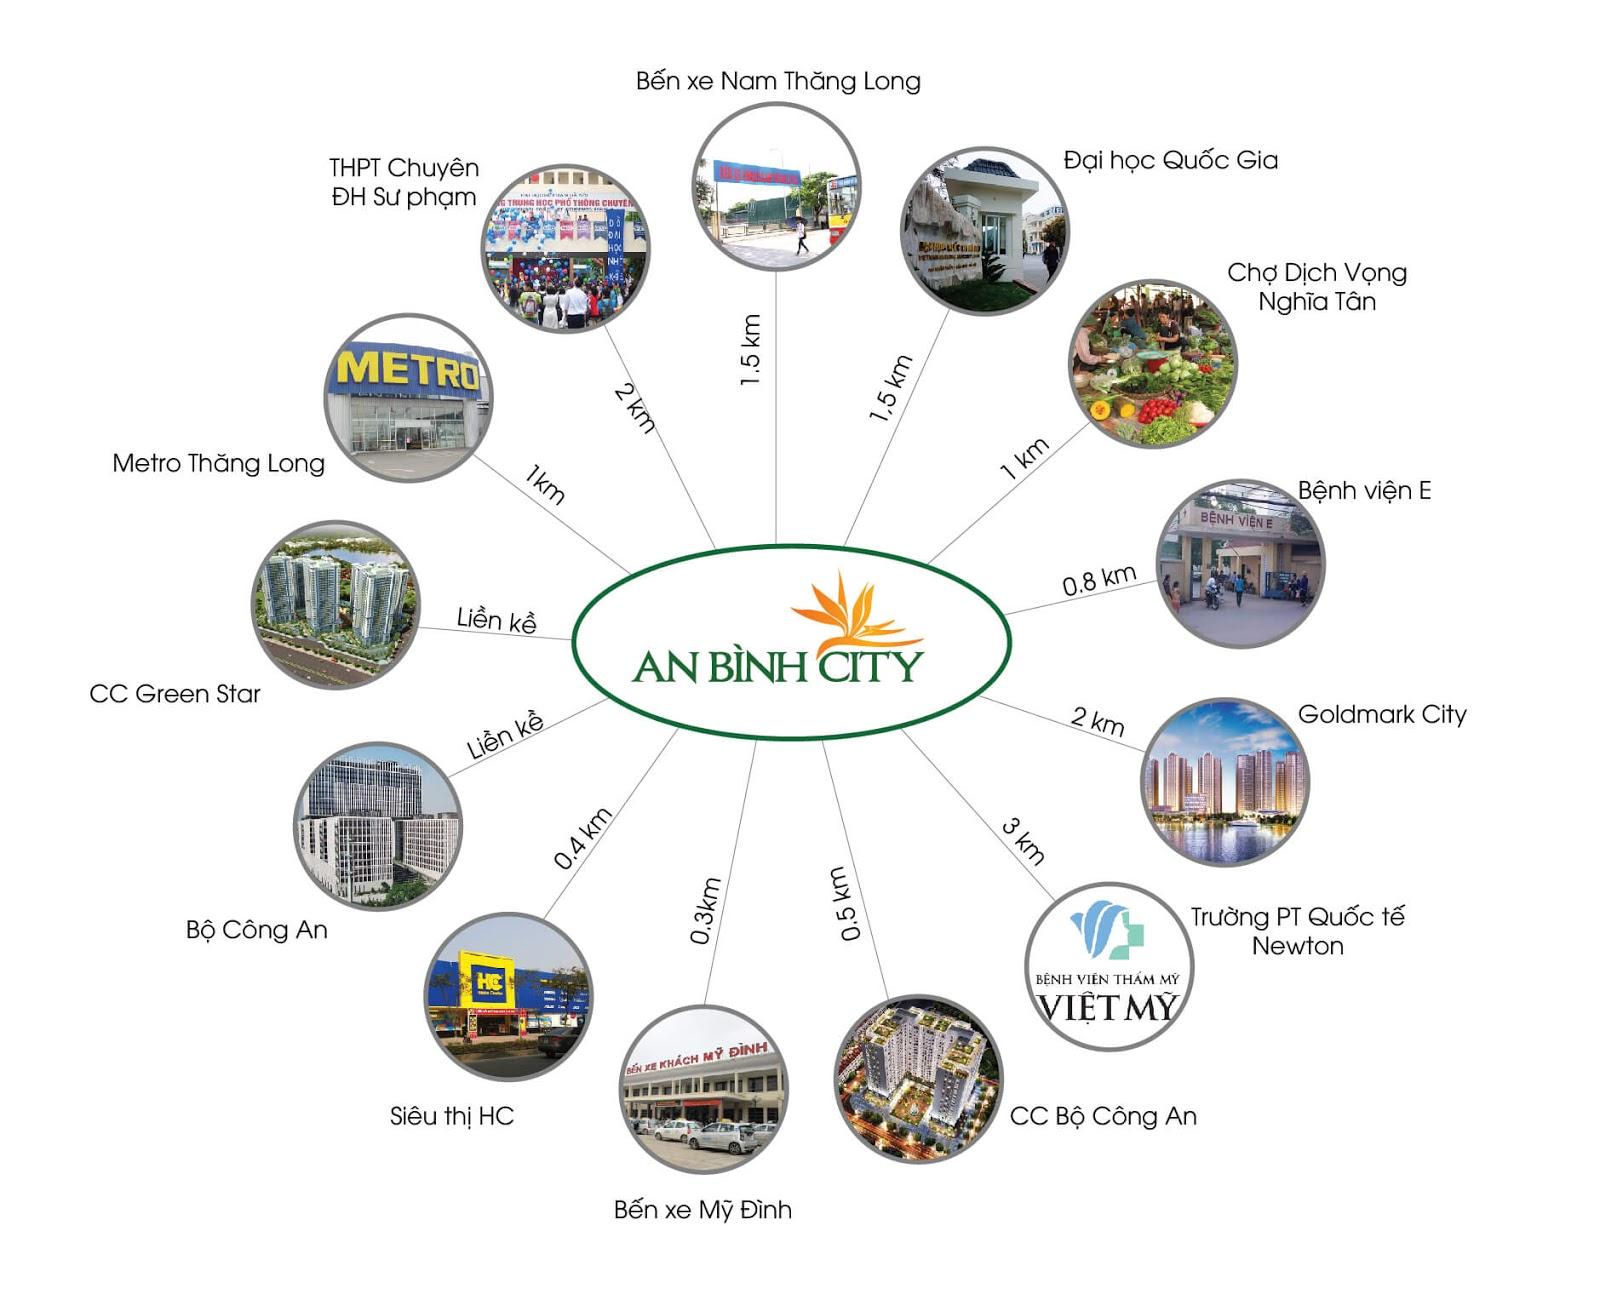 Liên kết vùng tại chung cư An Bình City